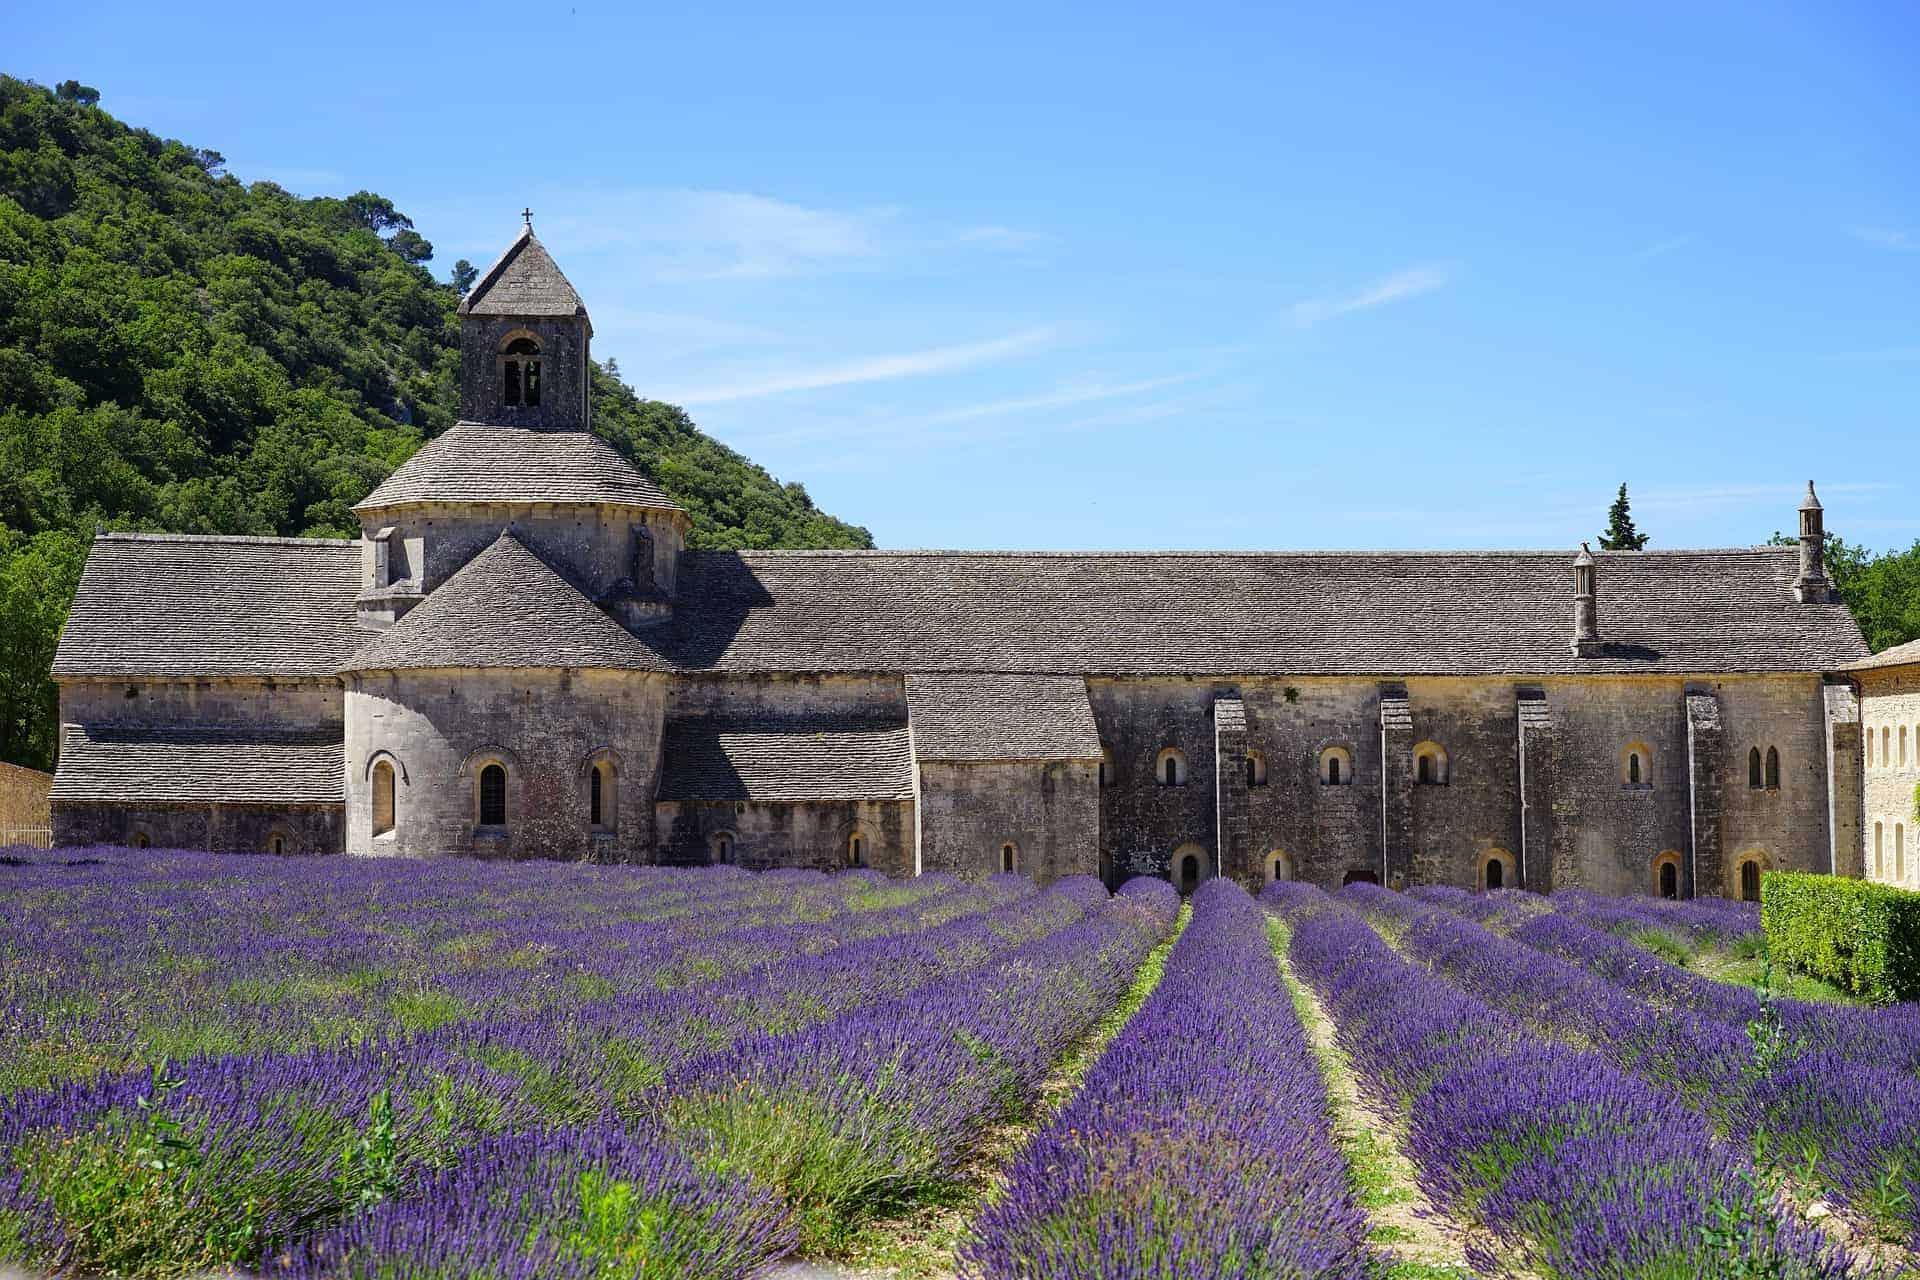 Valensole Plateau in Provence, lavender fields France, Valensole France, lavender fields france season, best time to visit lavender fields france, Notre-Dame de Sénanque Abbey